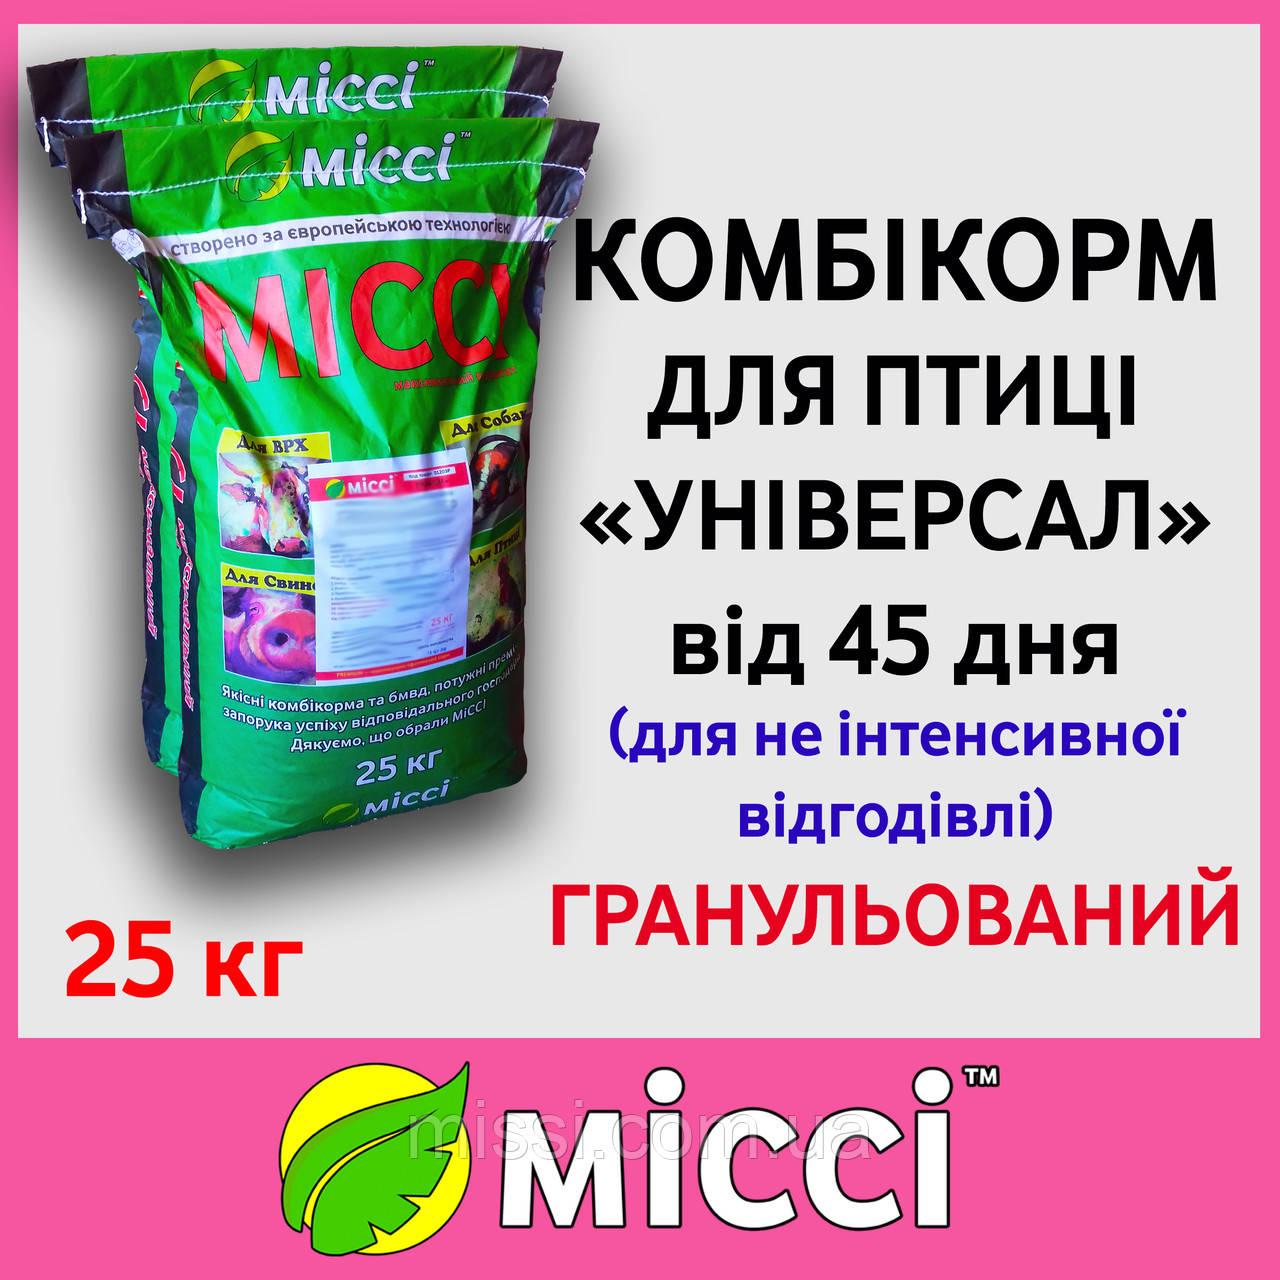 Кормбікорм для ПТИЦІ УНІВЕРСАЛ ( від 45 дня), Міссі, 25 кг